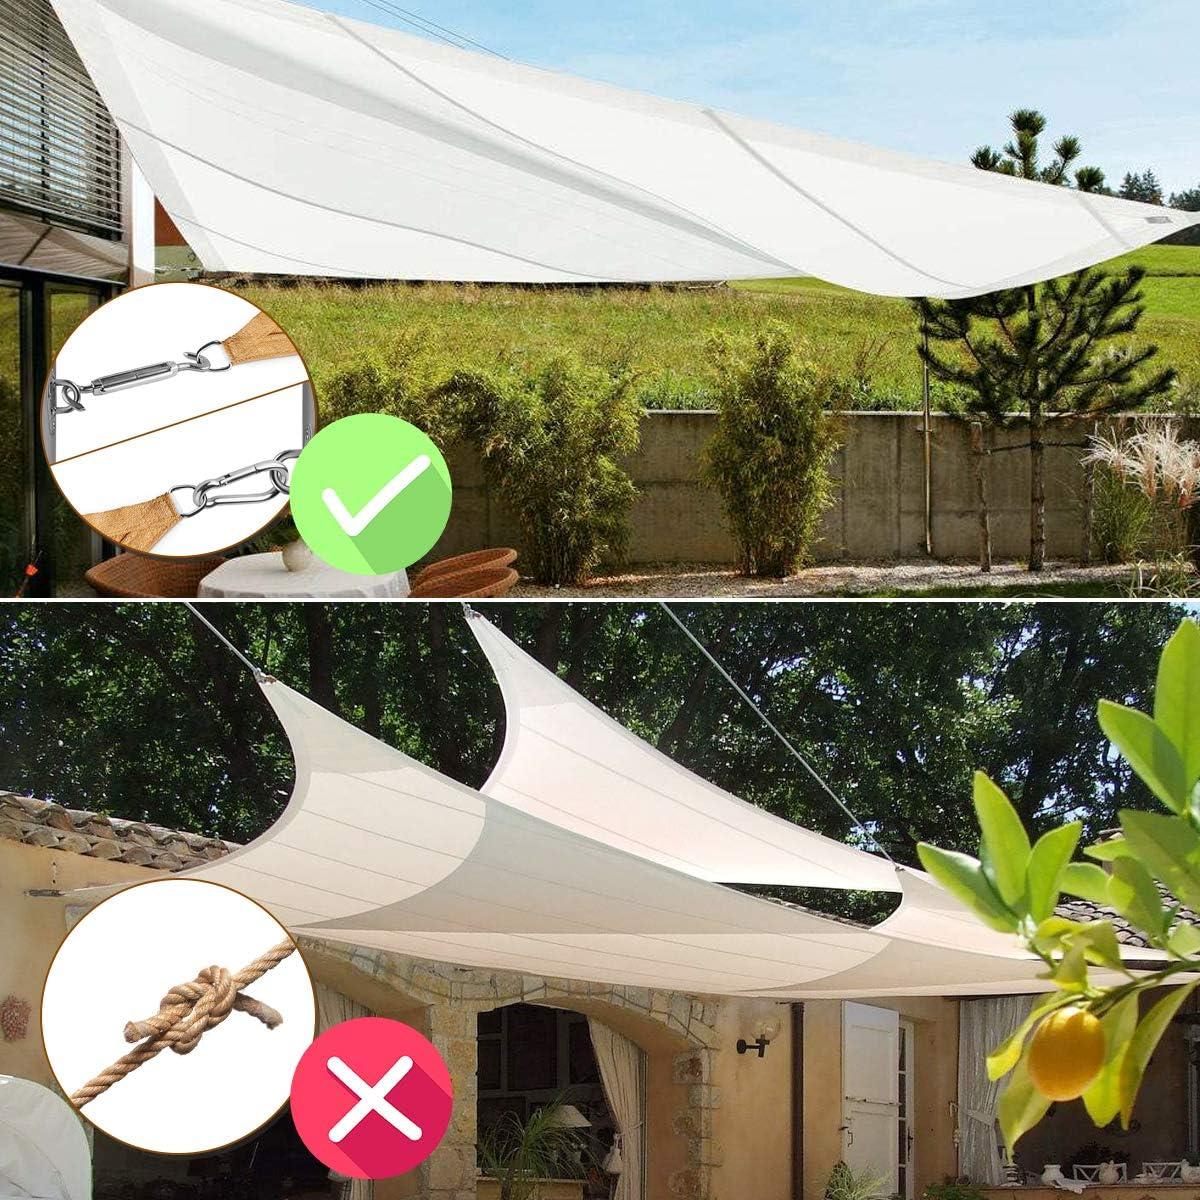 Acciaio Inossidabile Kit di Fissaggio NASUM Kit di Fissaggio per Vela Parasole Kit per Fissaggio a Vela per Triangolo e Rettangolo vela Parasole per linstallazione di Vele Ombreggianti da Giardino